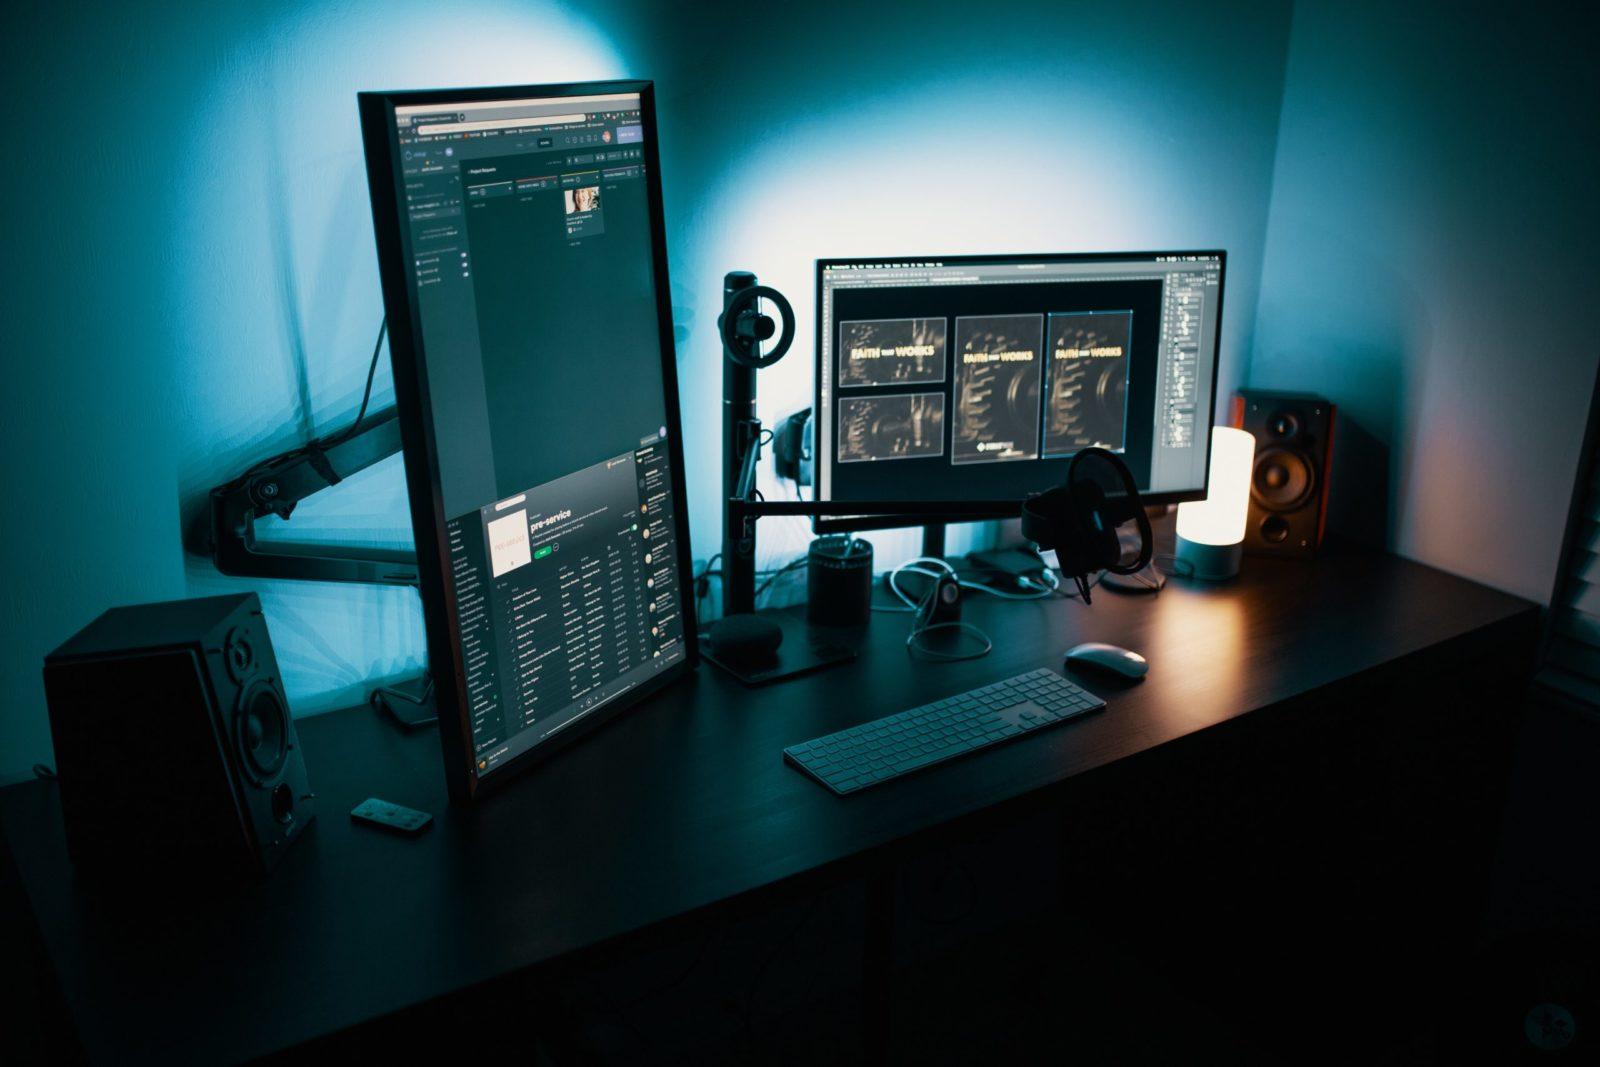 Computerbildschirme auf einem Schreibtisch